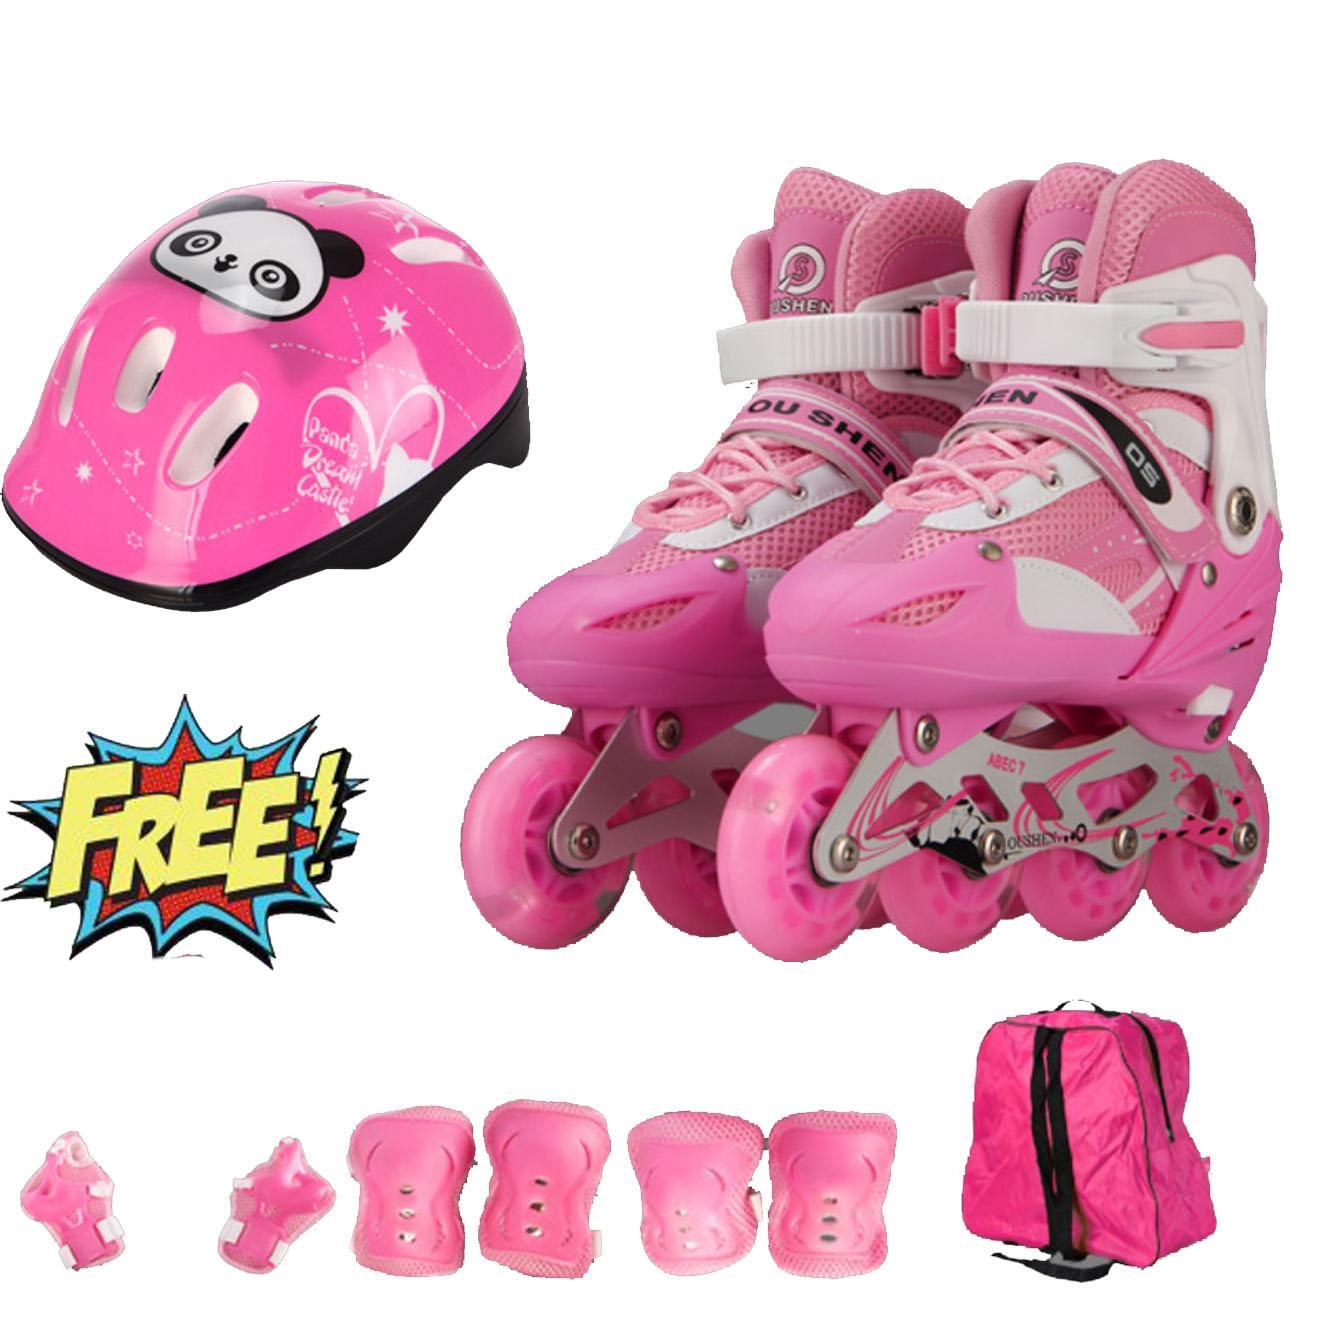 Hình ảnh Giầy trượt patin cao cấp tặng kèm bộ bảo vệ chân tay và mũ bảo hiểm